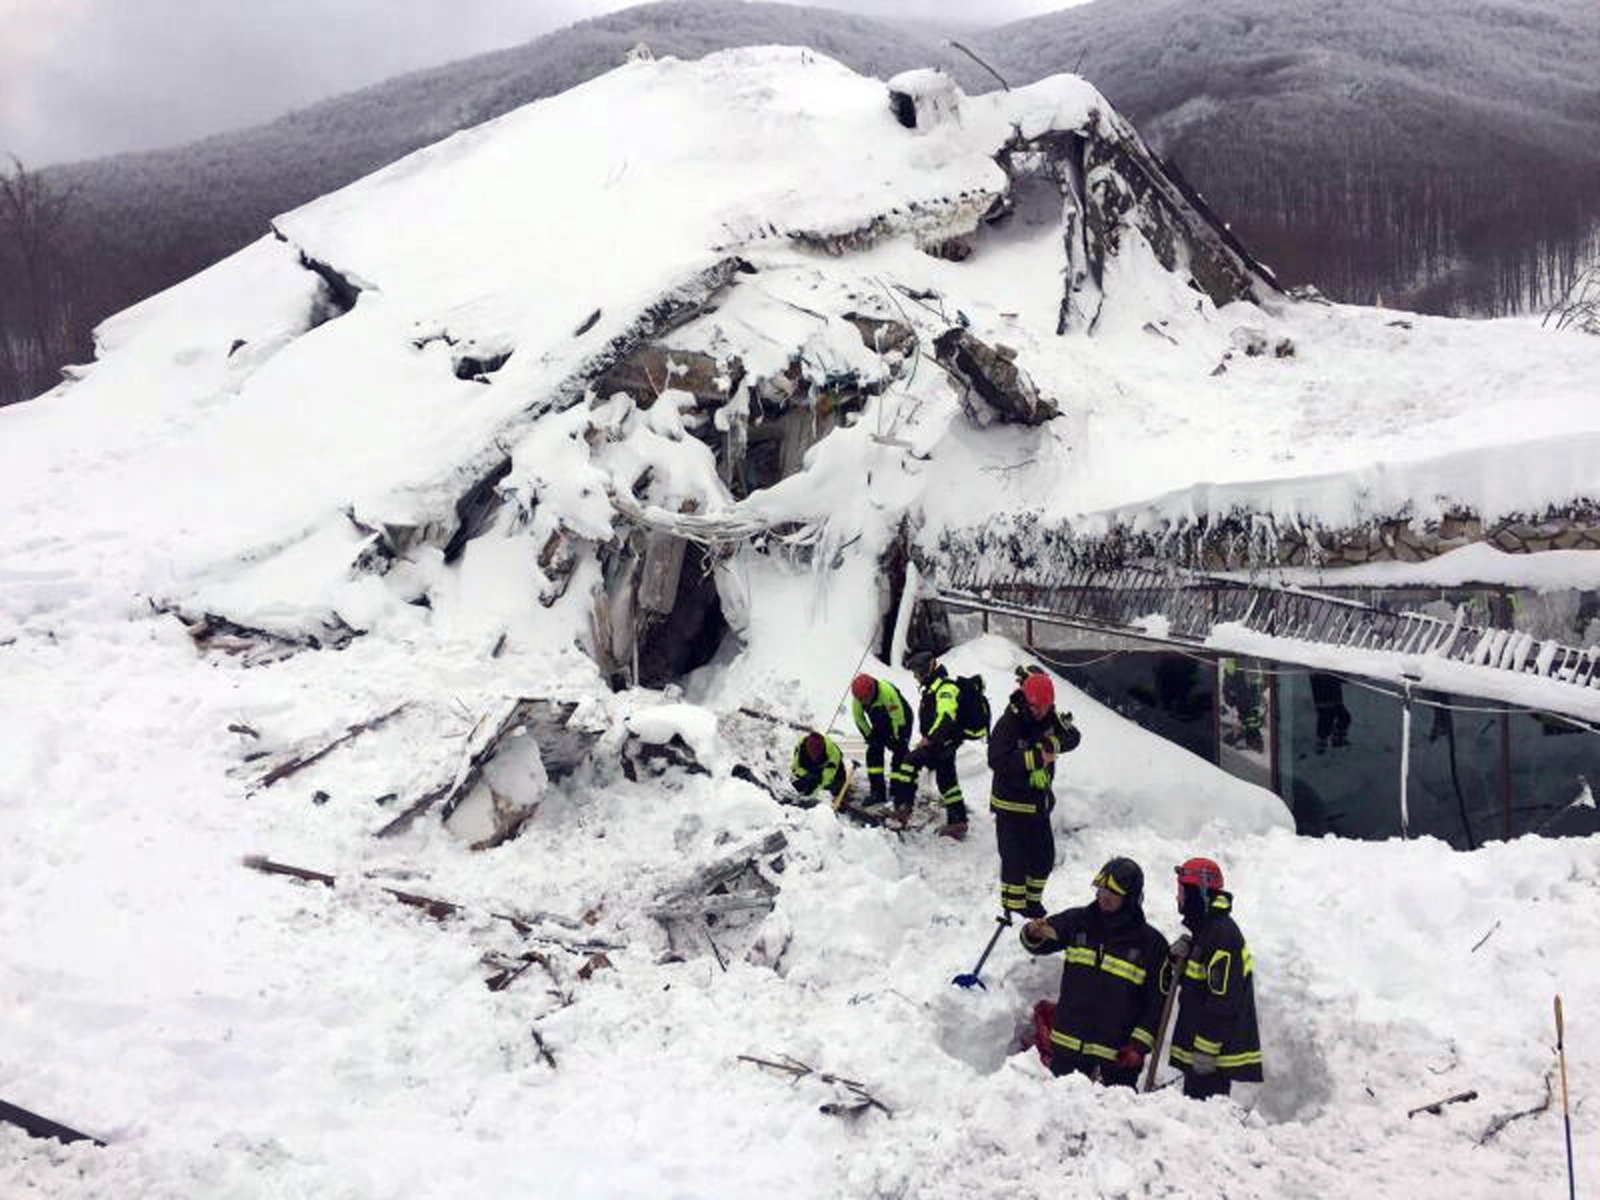 Włochy: zniszczenia spowodowane lawiną, która powstała po trzęsieniu ziemi w tym samym rejonie. Fot. PAP/EPA/ITALIAN FIRE DEPARTMENT